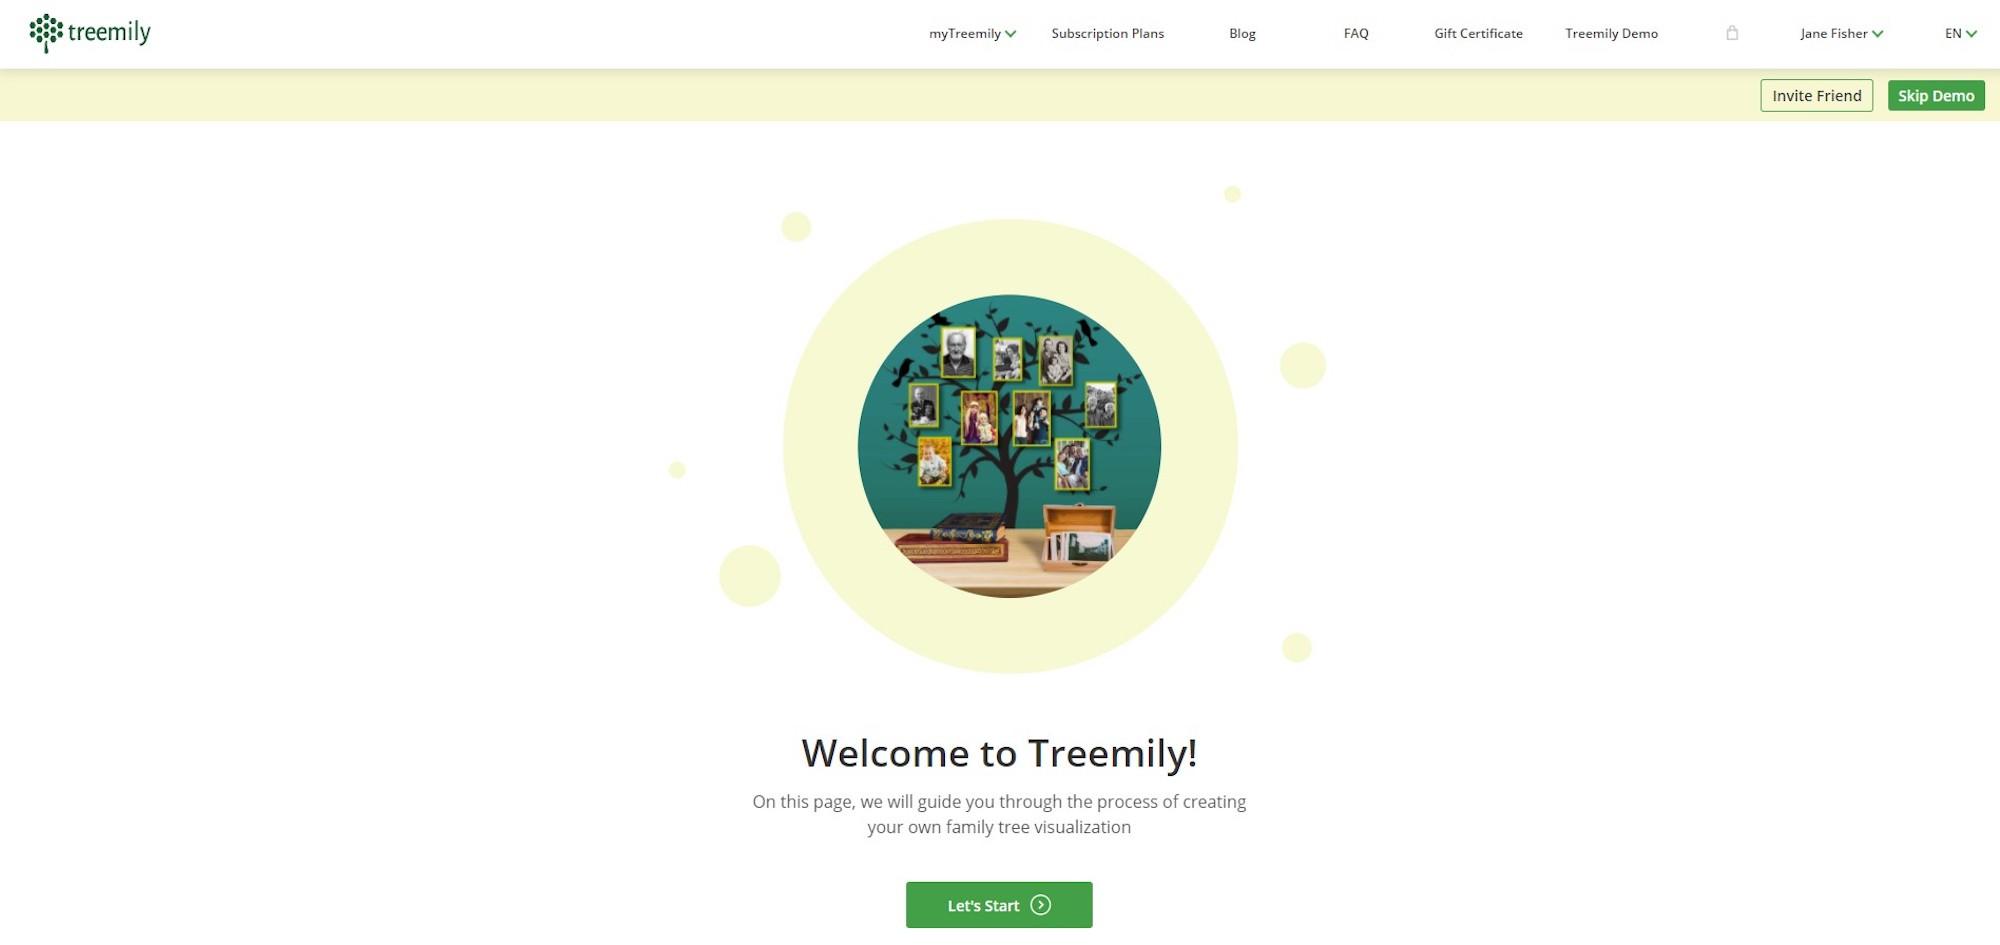 Treemily Demo